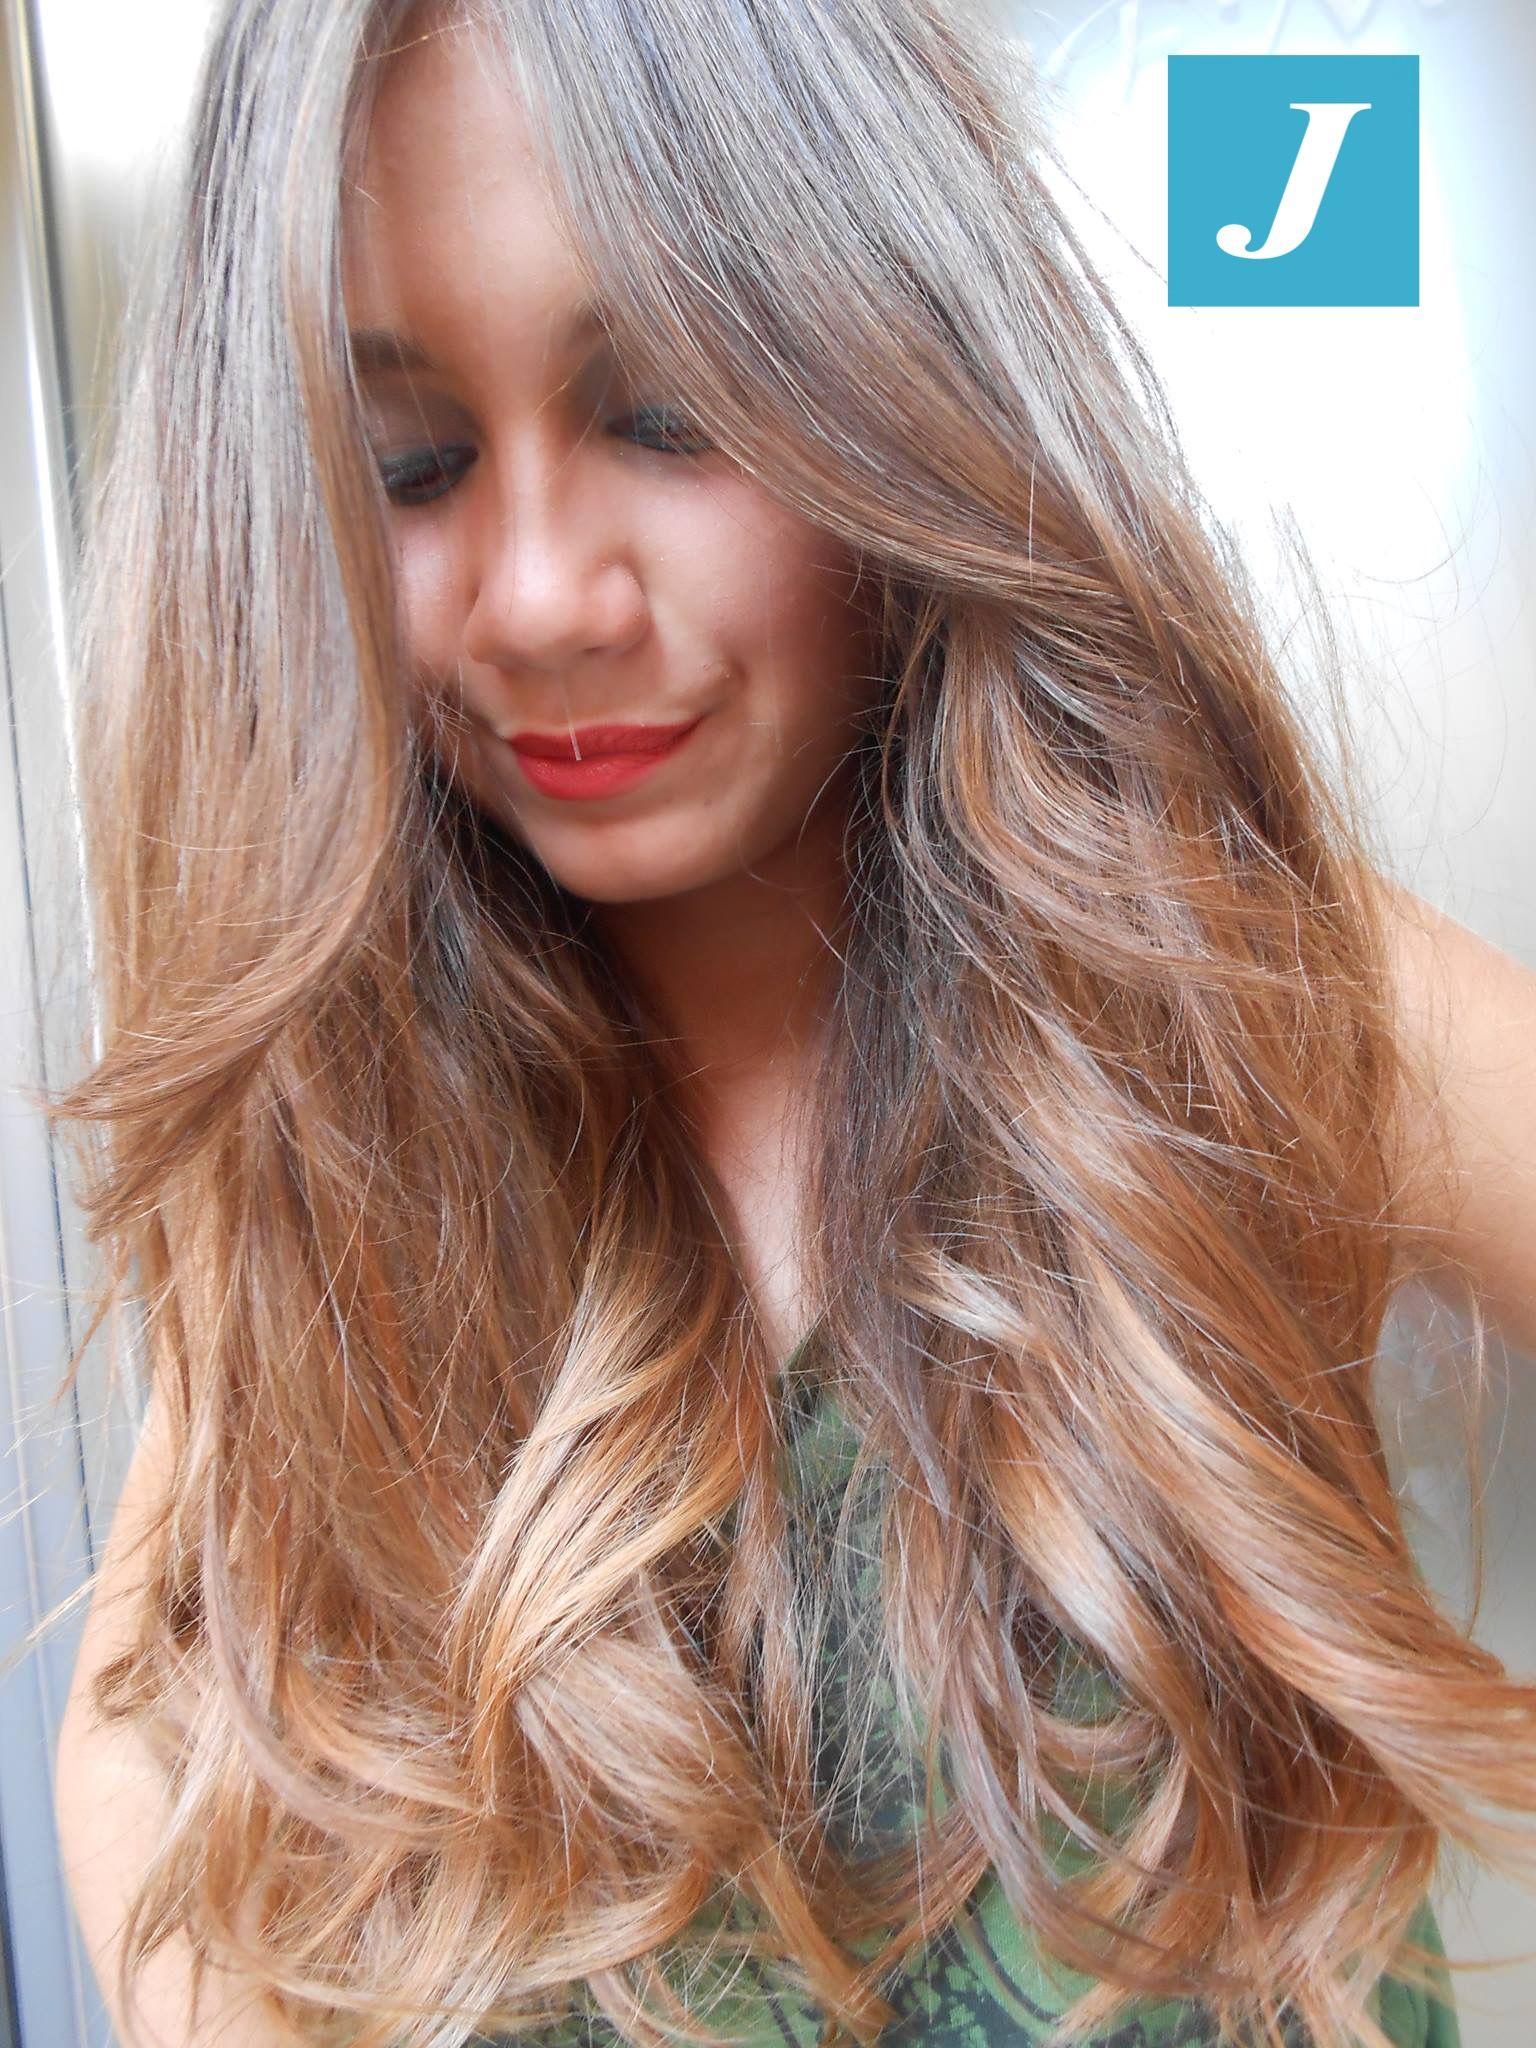 Sfumature di stile. #cdj #degradejoelle #tagliopuntearia #degradé #igers #naturalshades #hair #hairstyle #haircolour #haircut #longhair #ootd #hairfashion